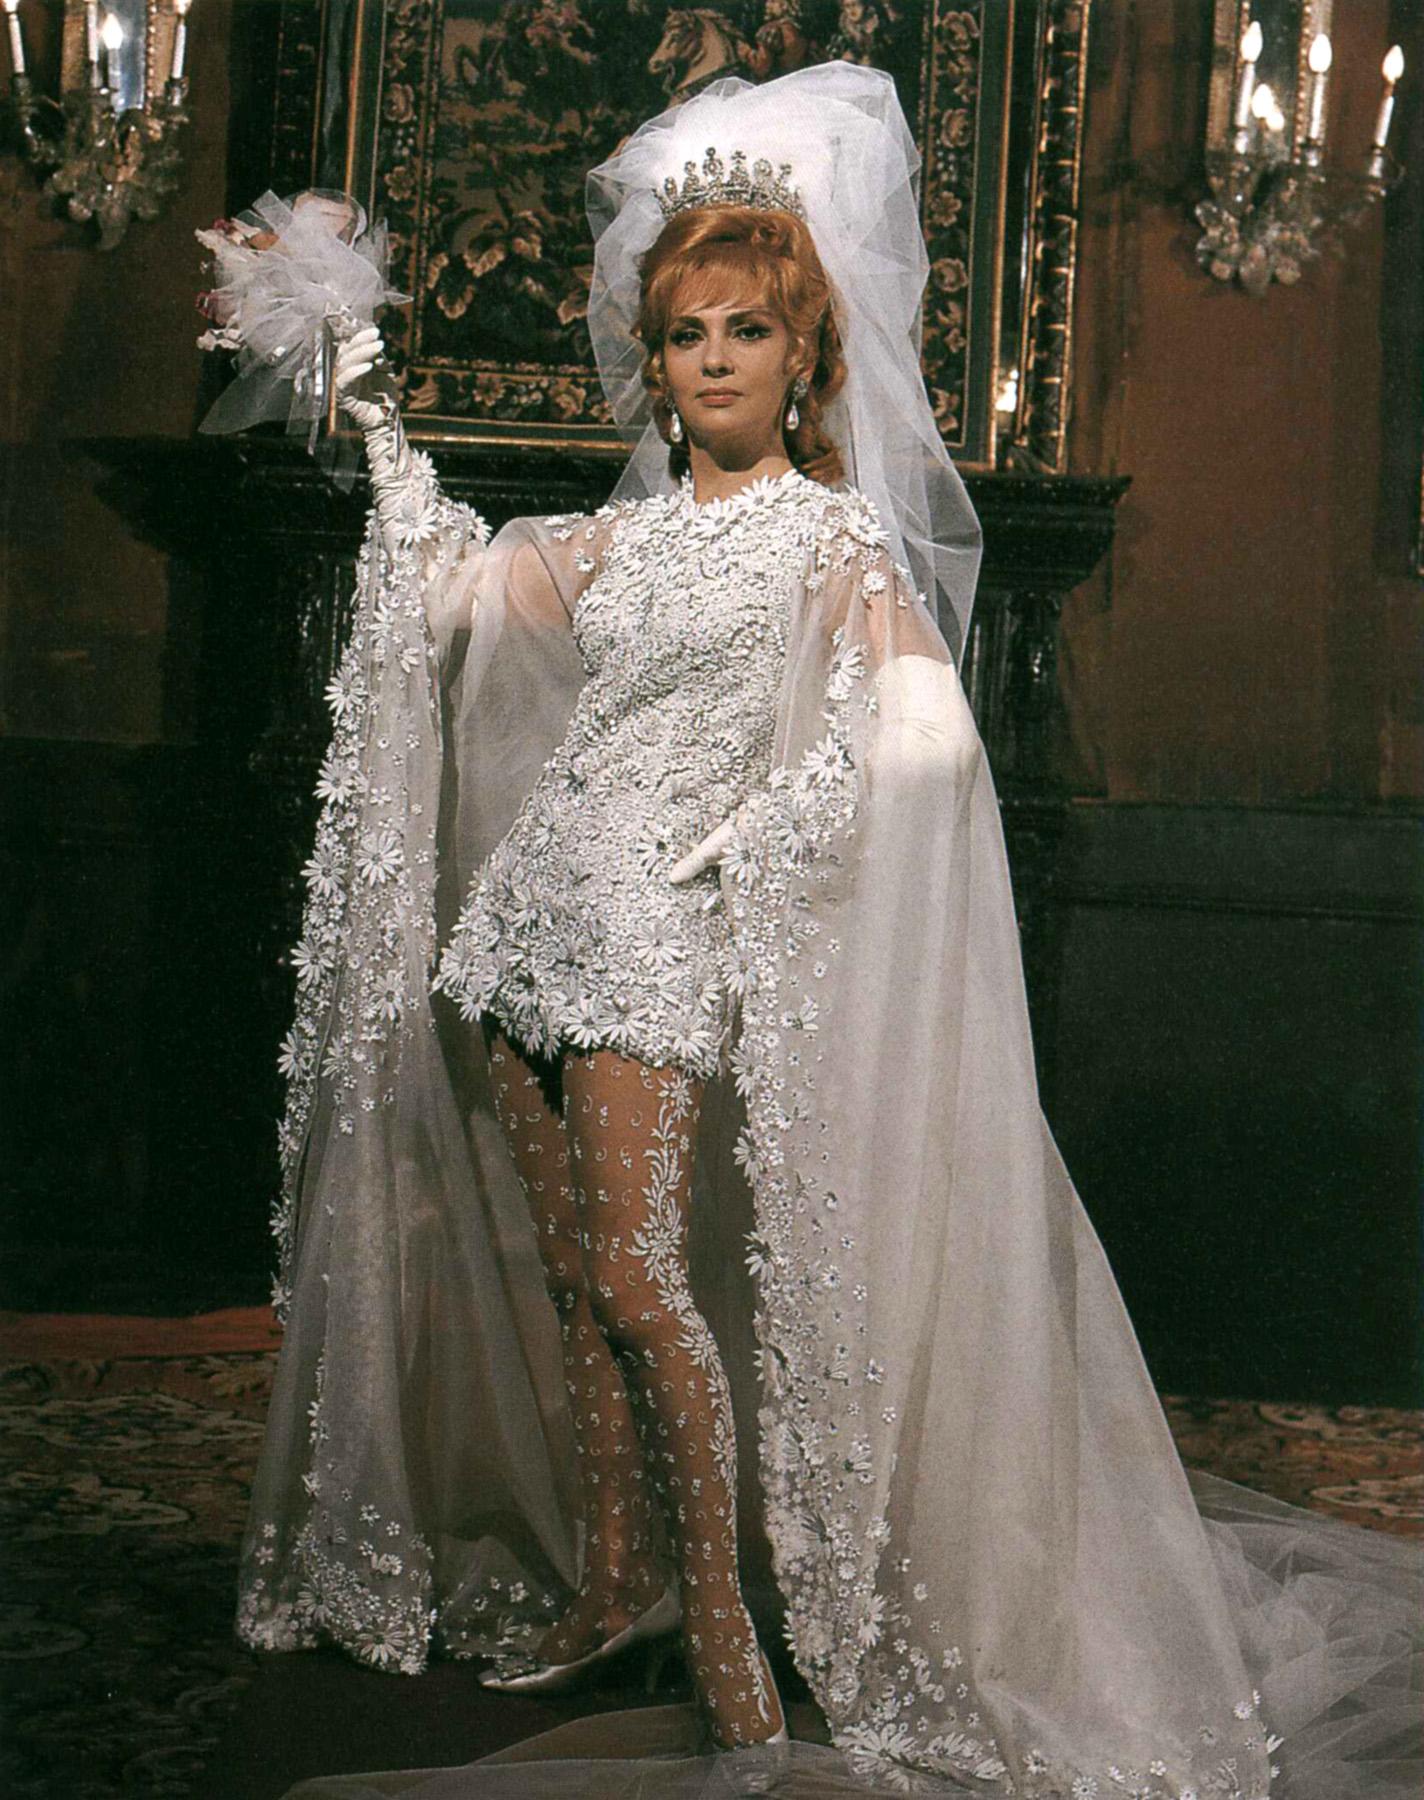 Gina-Lollobrigida-Bridal.jpg